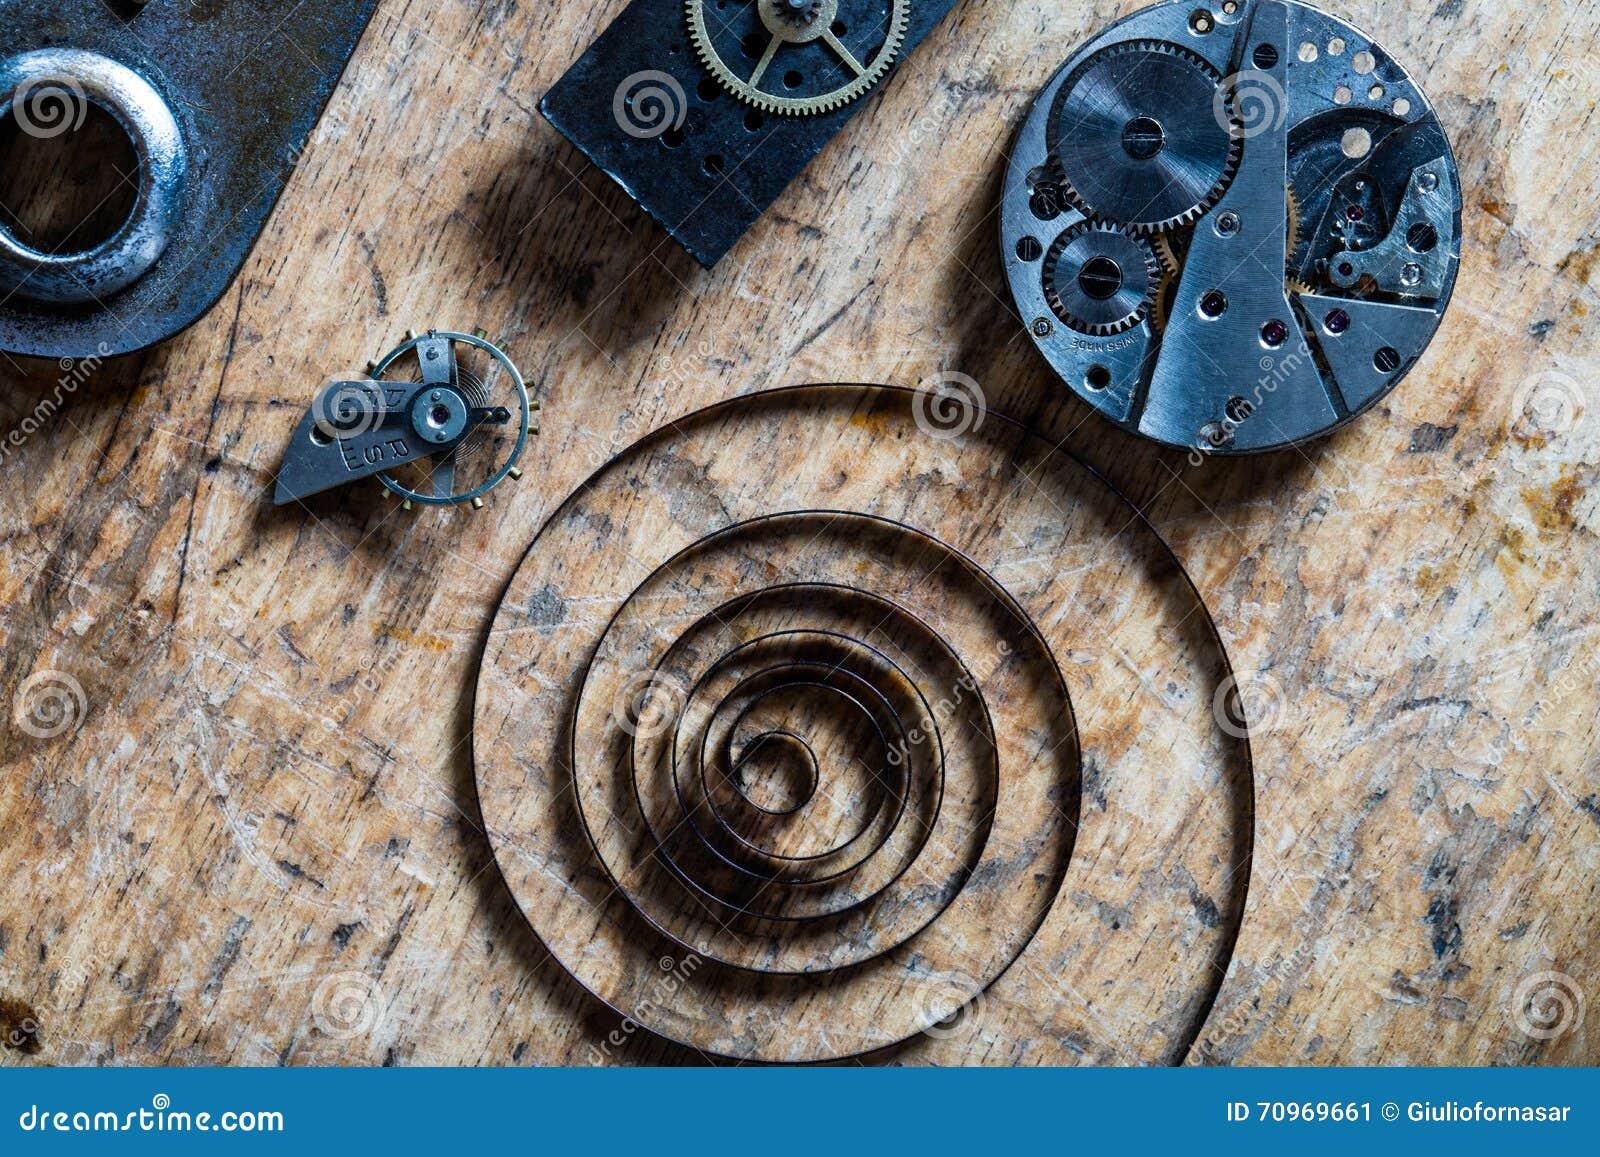 Fjädra, jämviktshjulet och urverk på en tabell